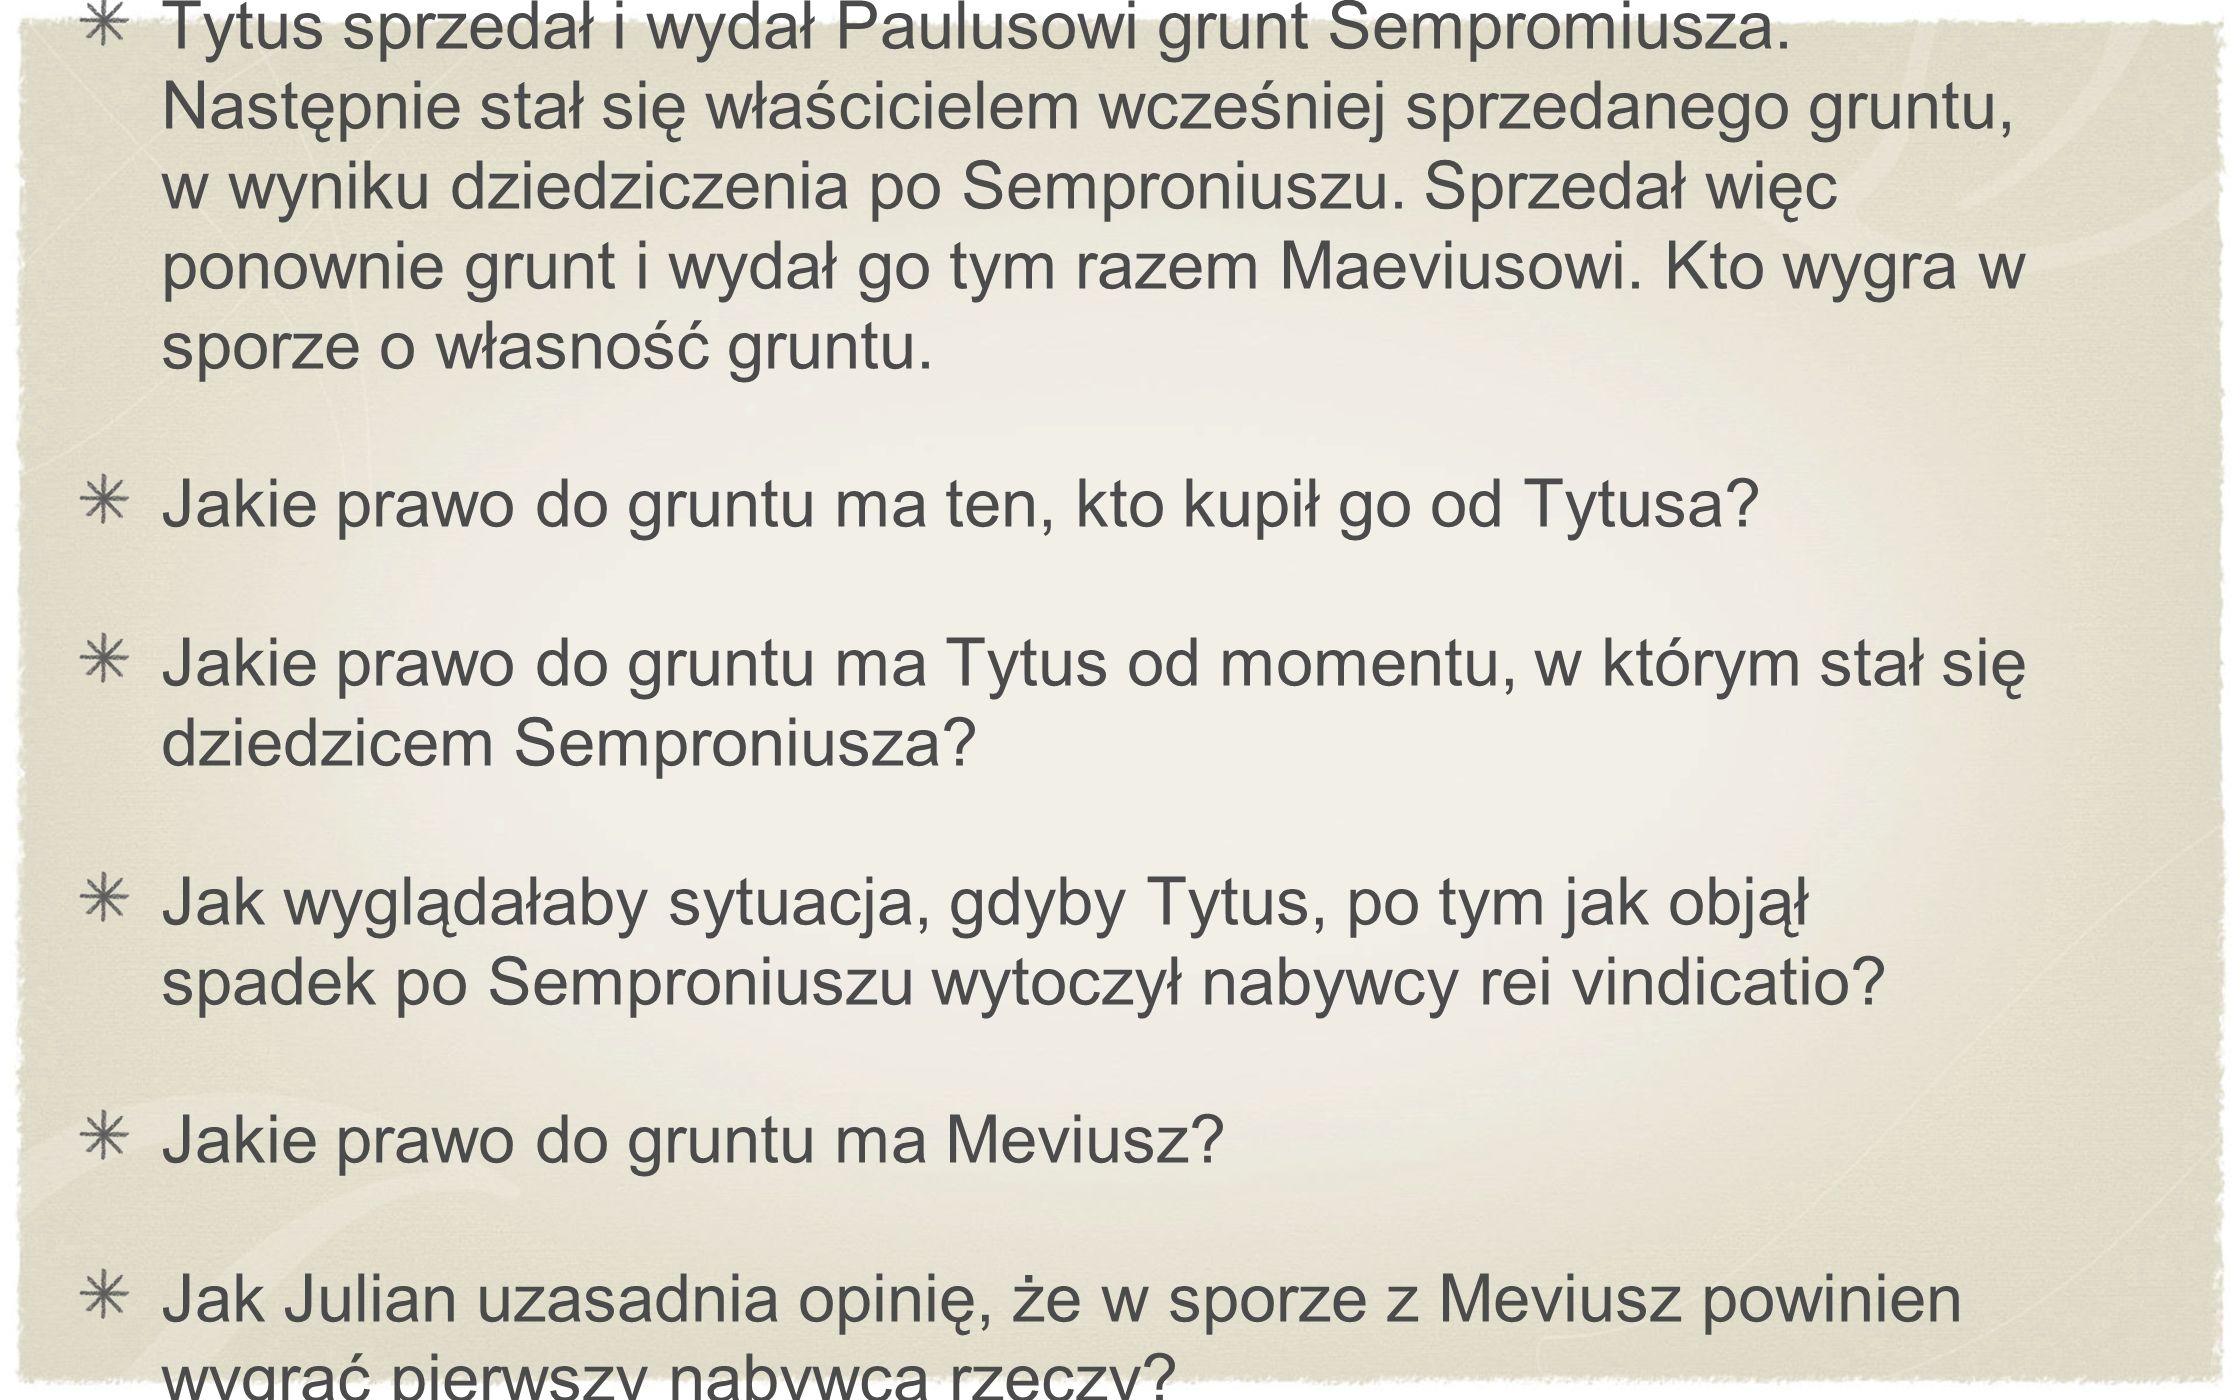 Tytus sprzedał i wydał Paulusowi grunt Sempromiusza. Następnie stał się właścicielem wcześniej sprzedanego gruntu, w wyniku dziedziczenia po Semproniu